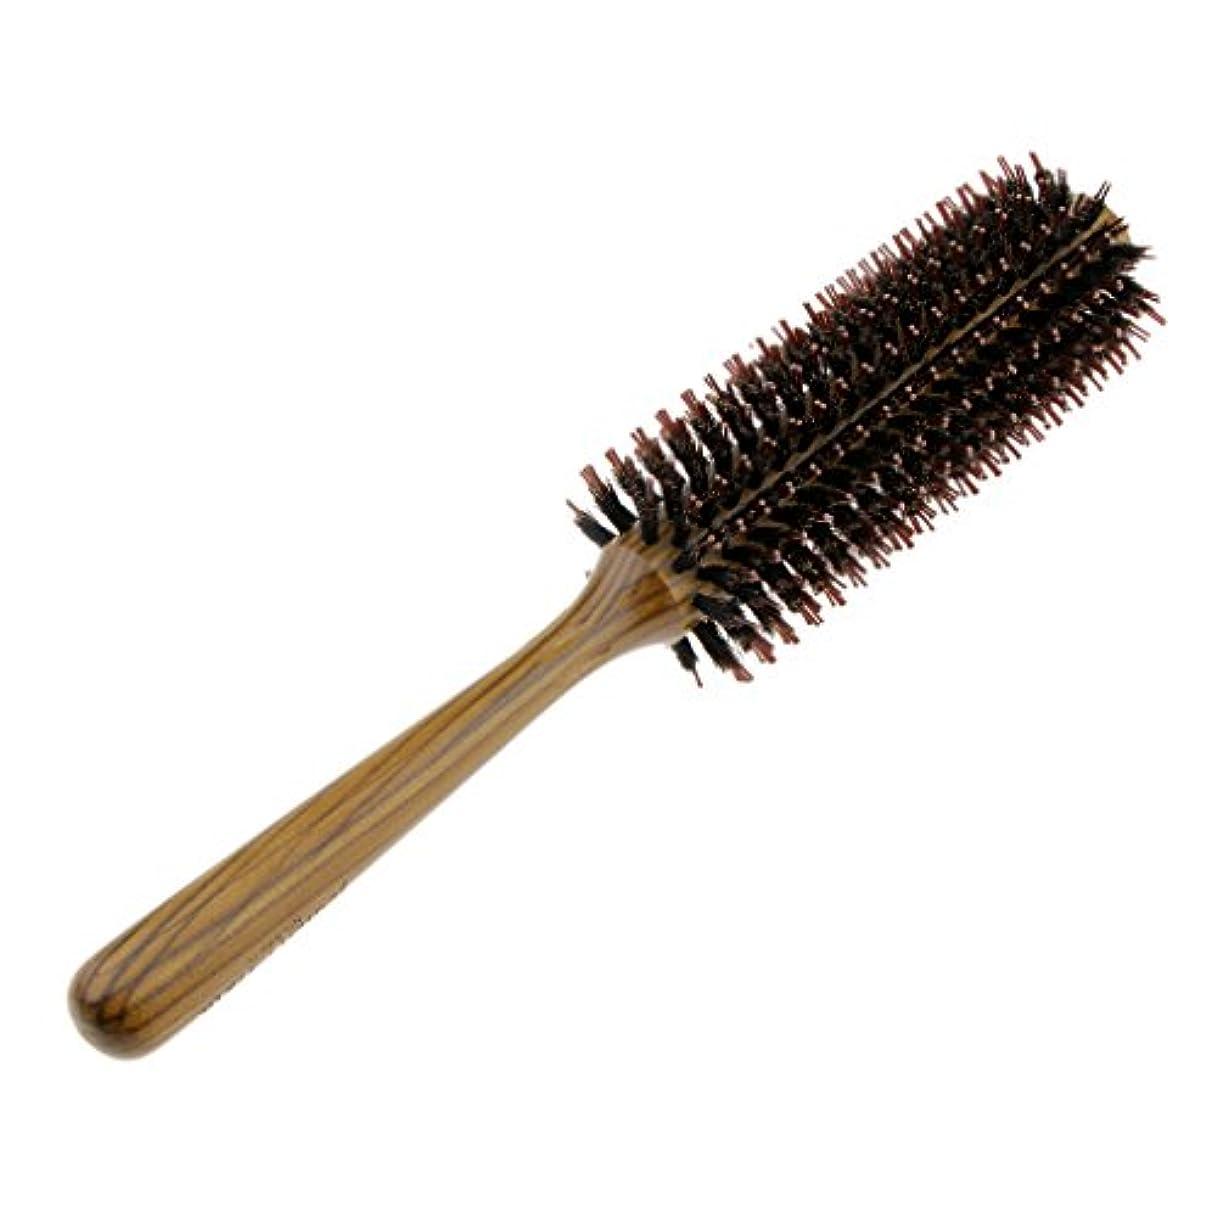 警報警察署誰もFenteer ロールブラシ ヘアブラシ コーム ヘアスタイリング 櫛 くし カール 巻き髪 3サイズ選べる - L